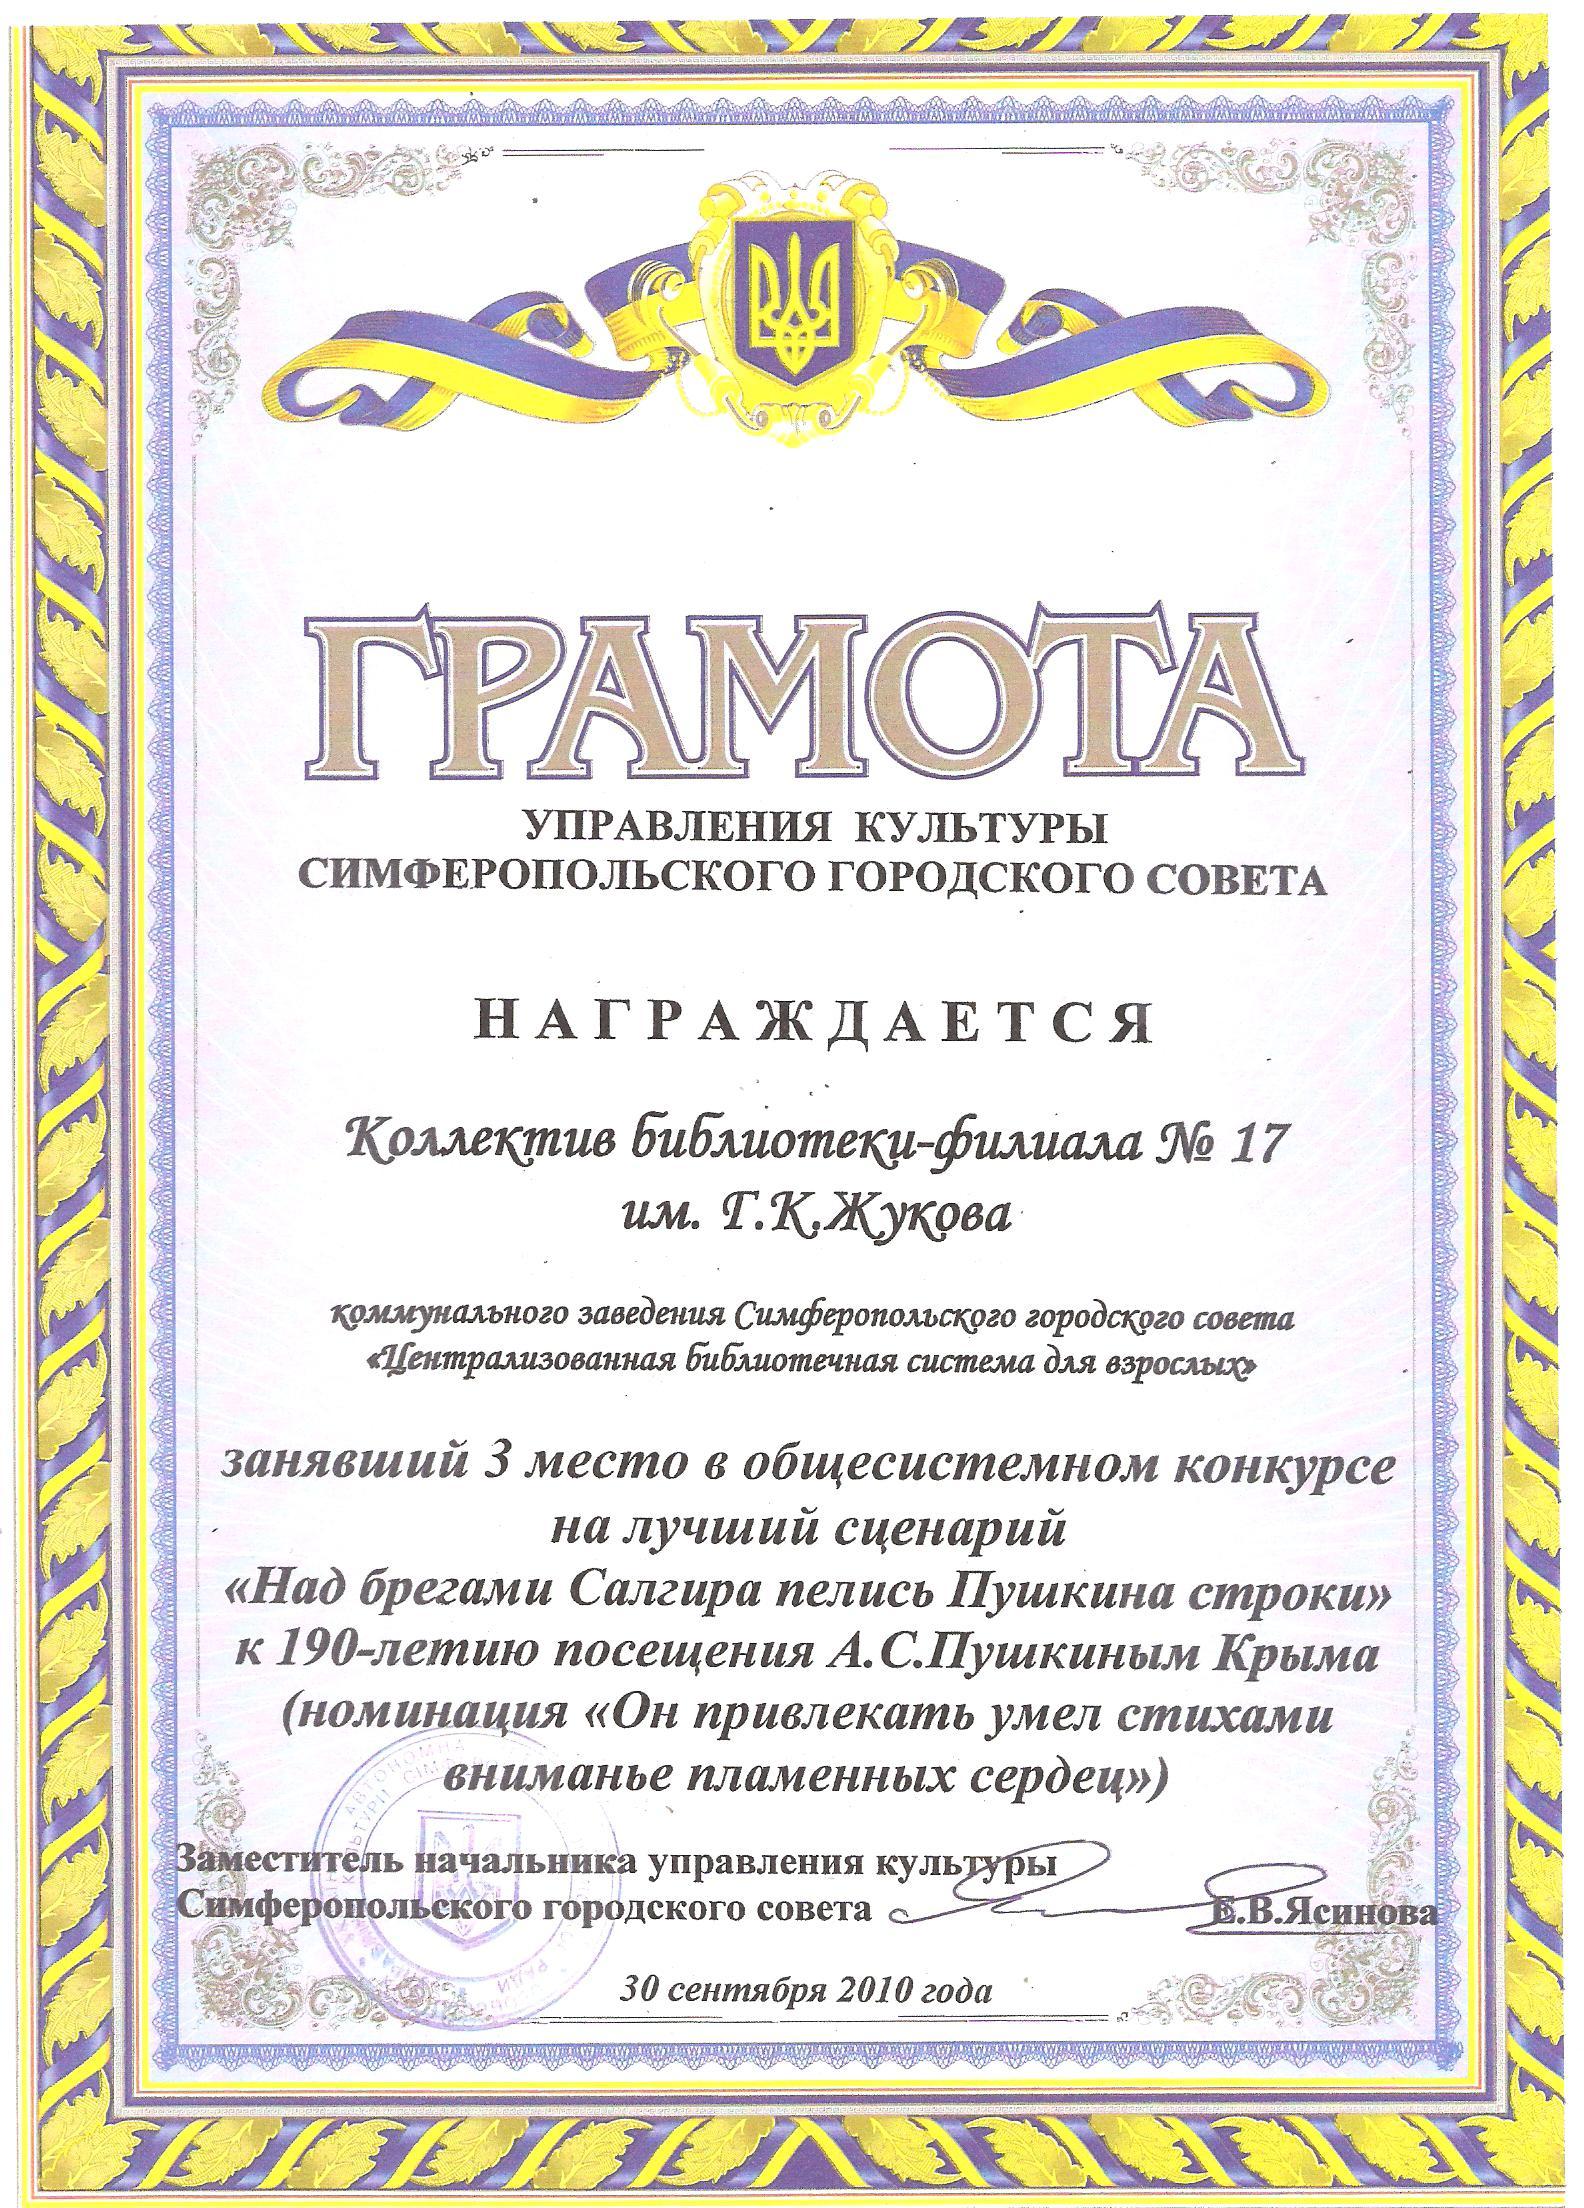 Грамота 3 место,конкурс,пушкин, 2010